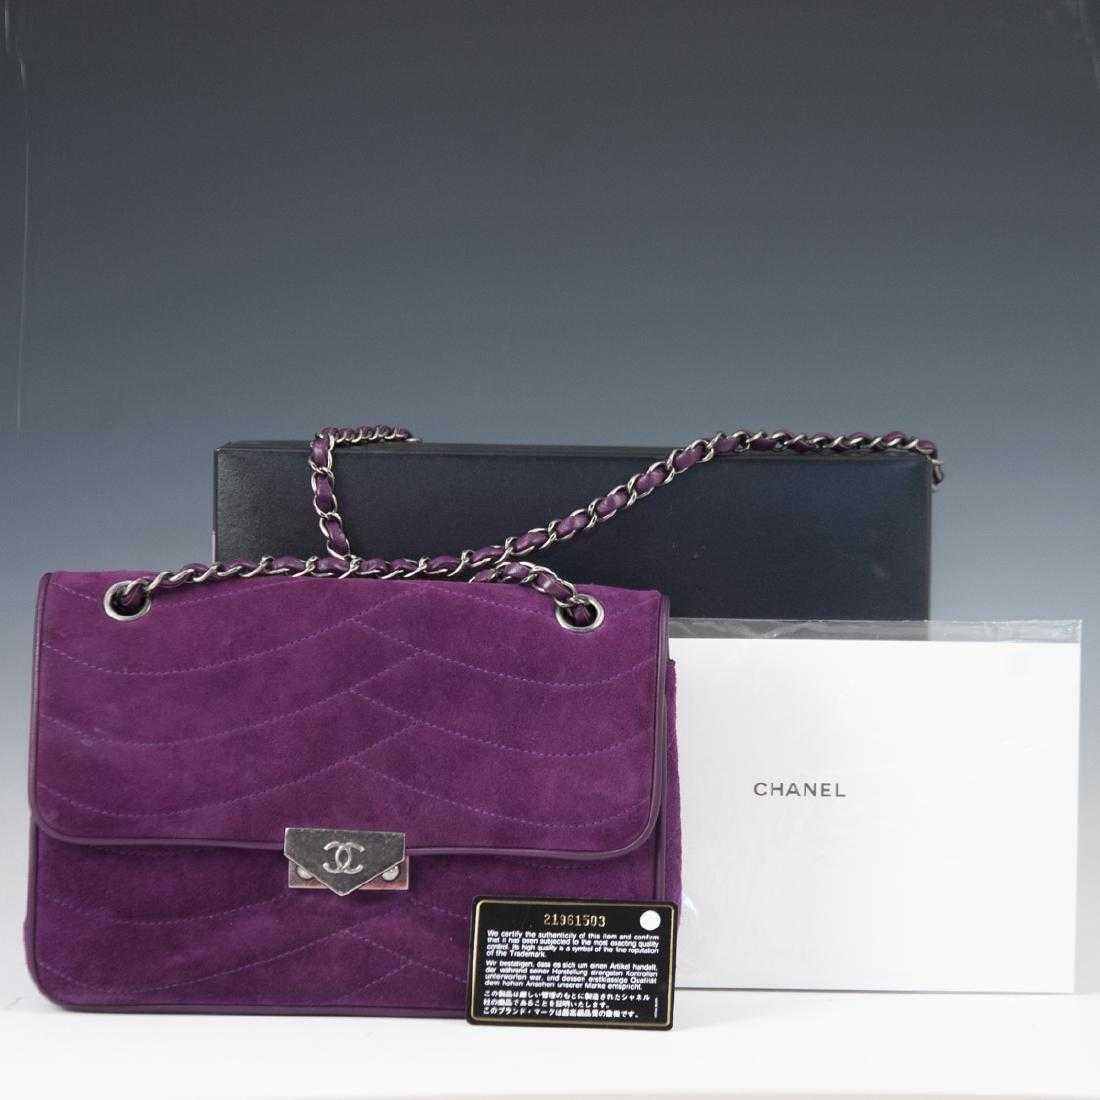 d7e8fbf1c260 Chanel Purple Suede Flap Bag